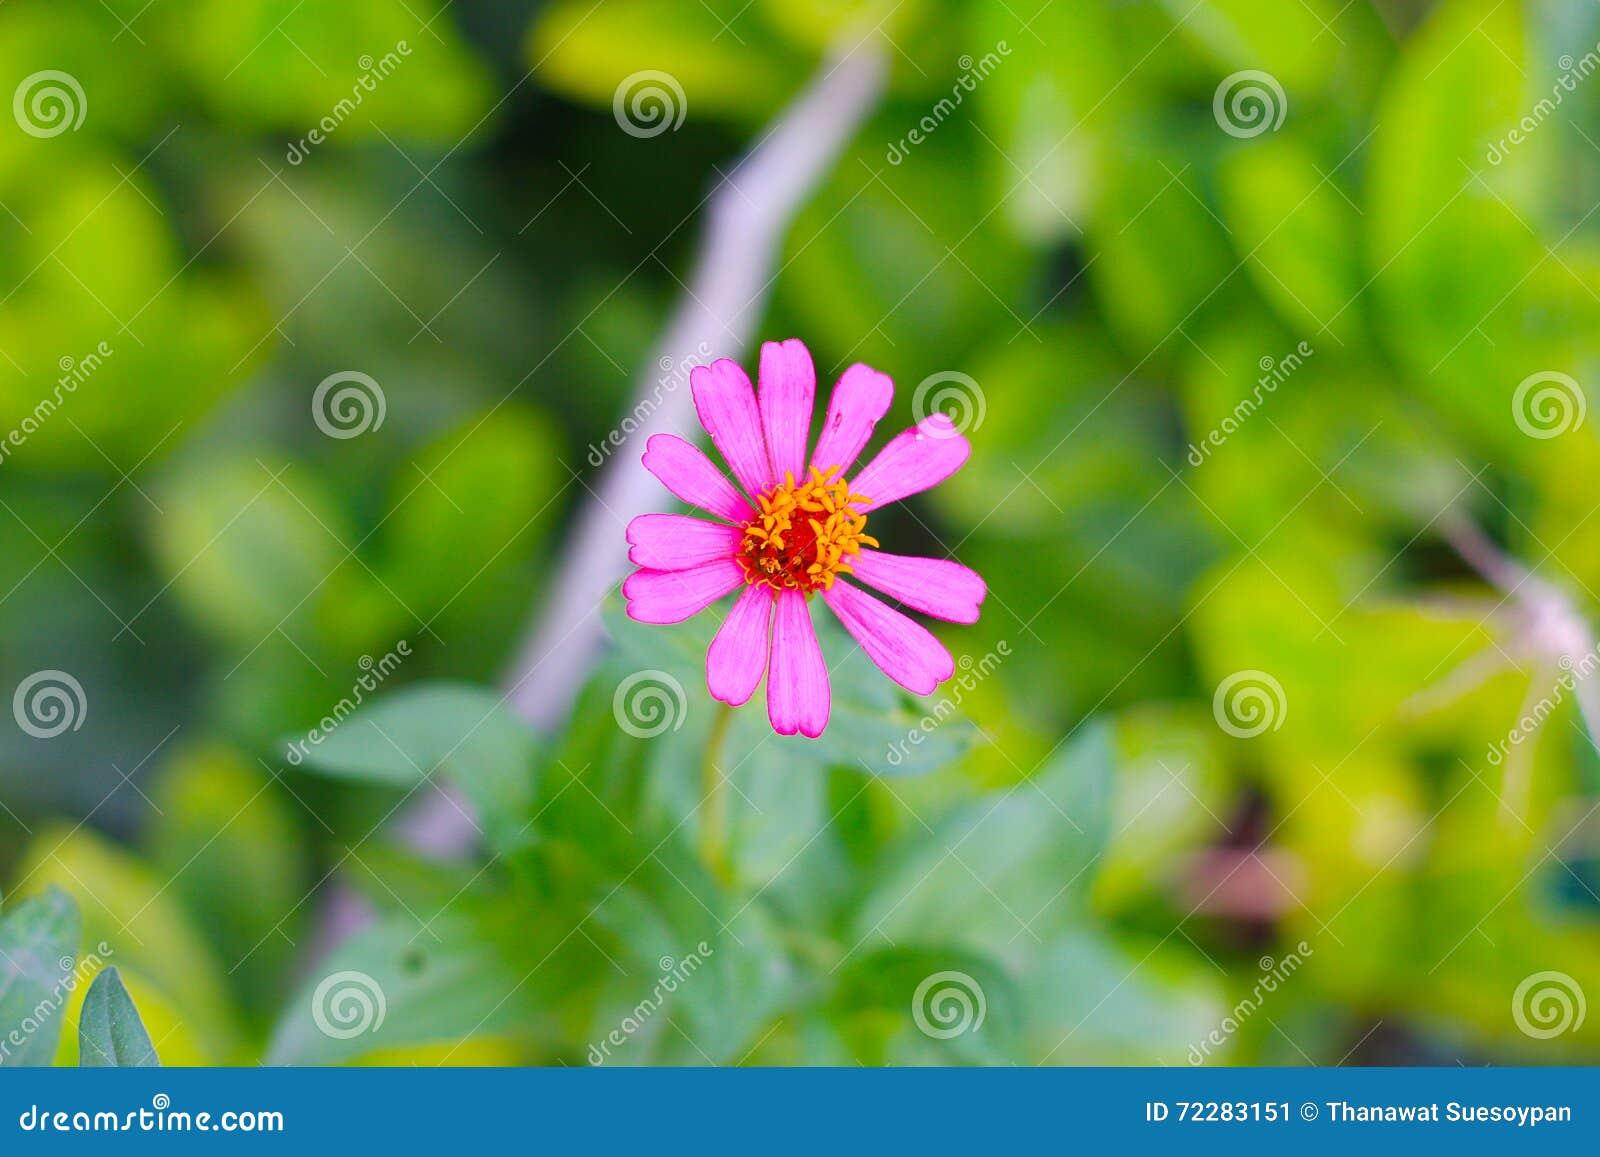 Ce zinnia fleurit plus beau que des fleurs par les fans qui ont eu